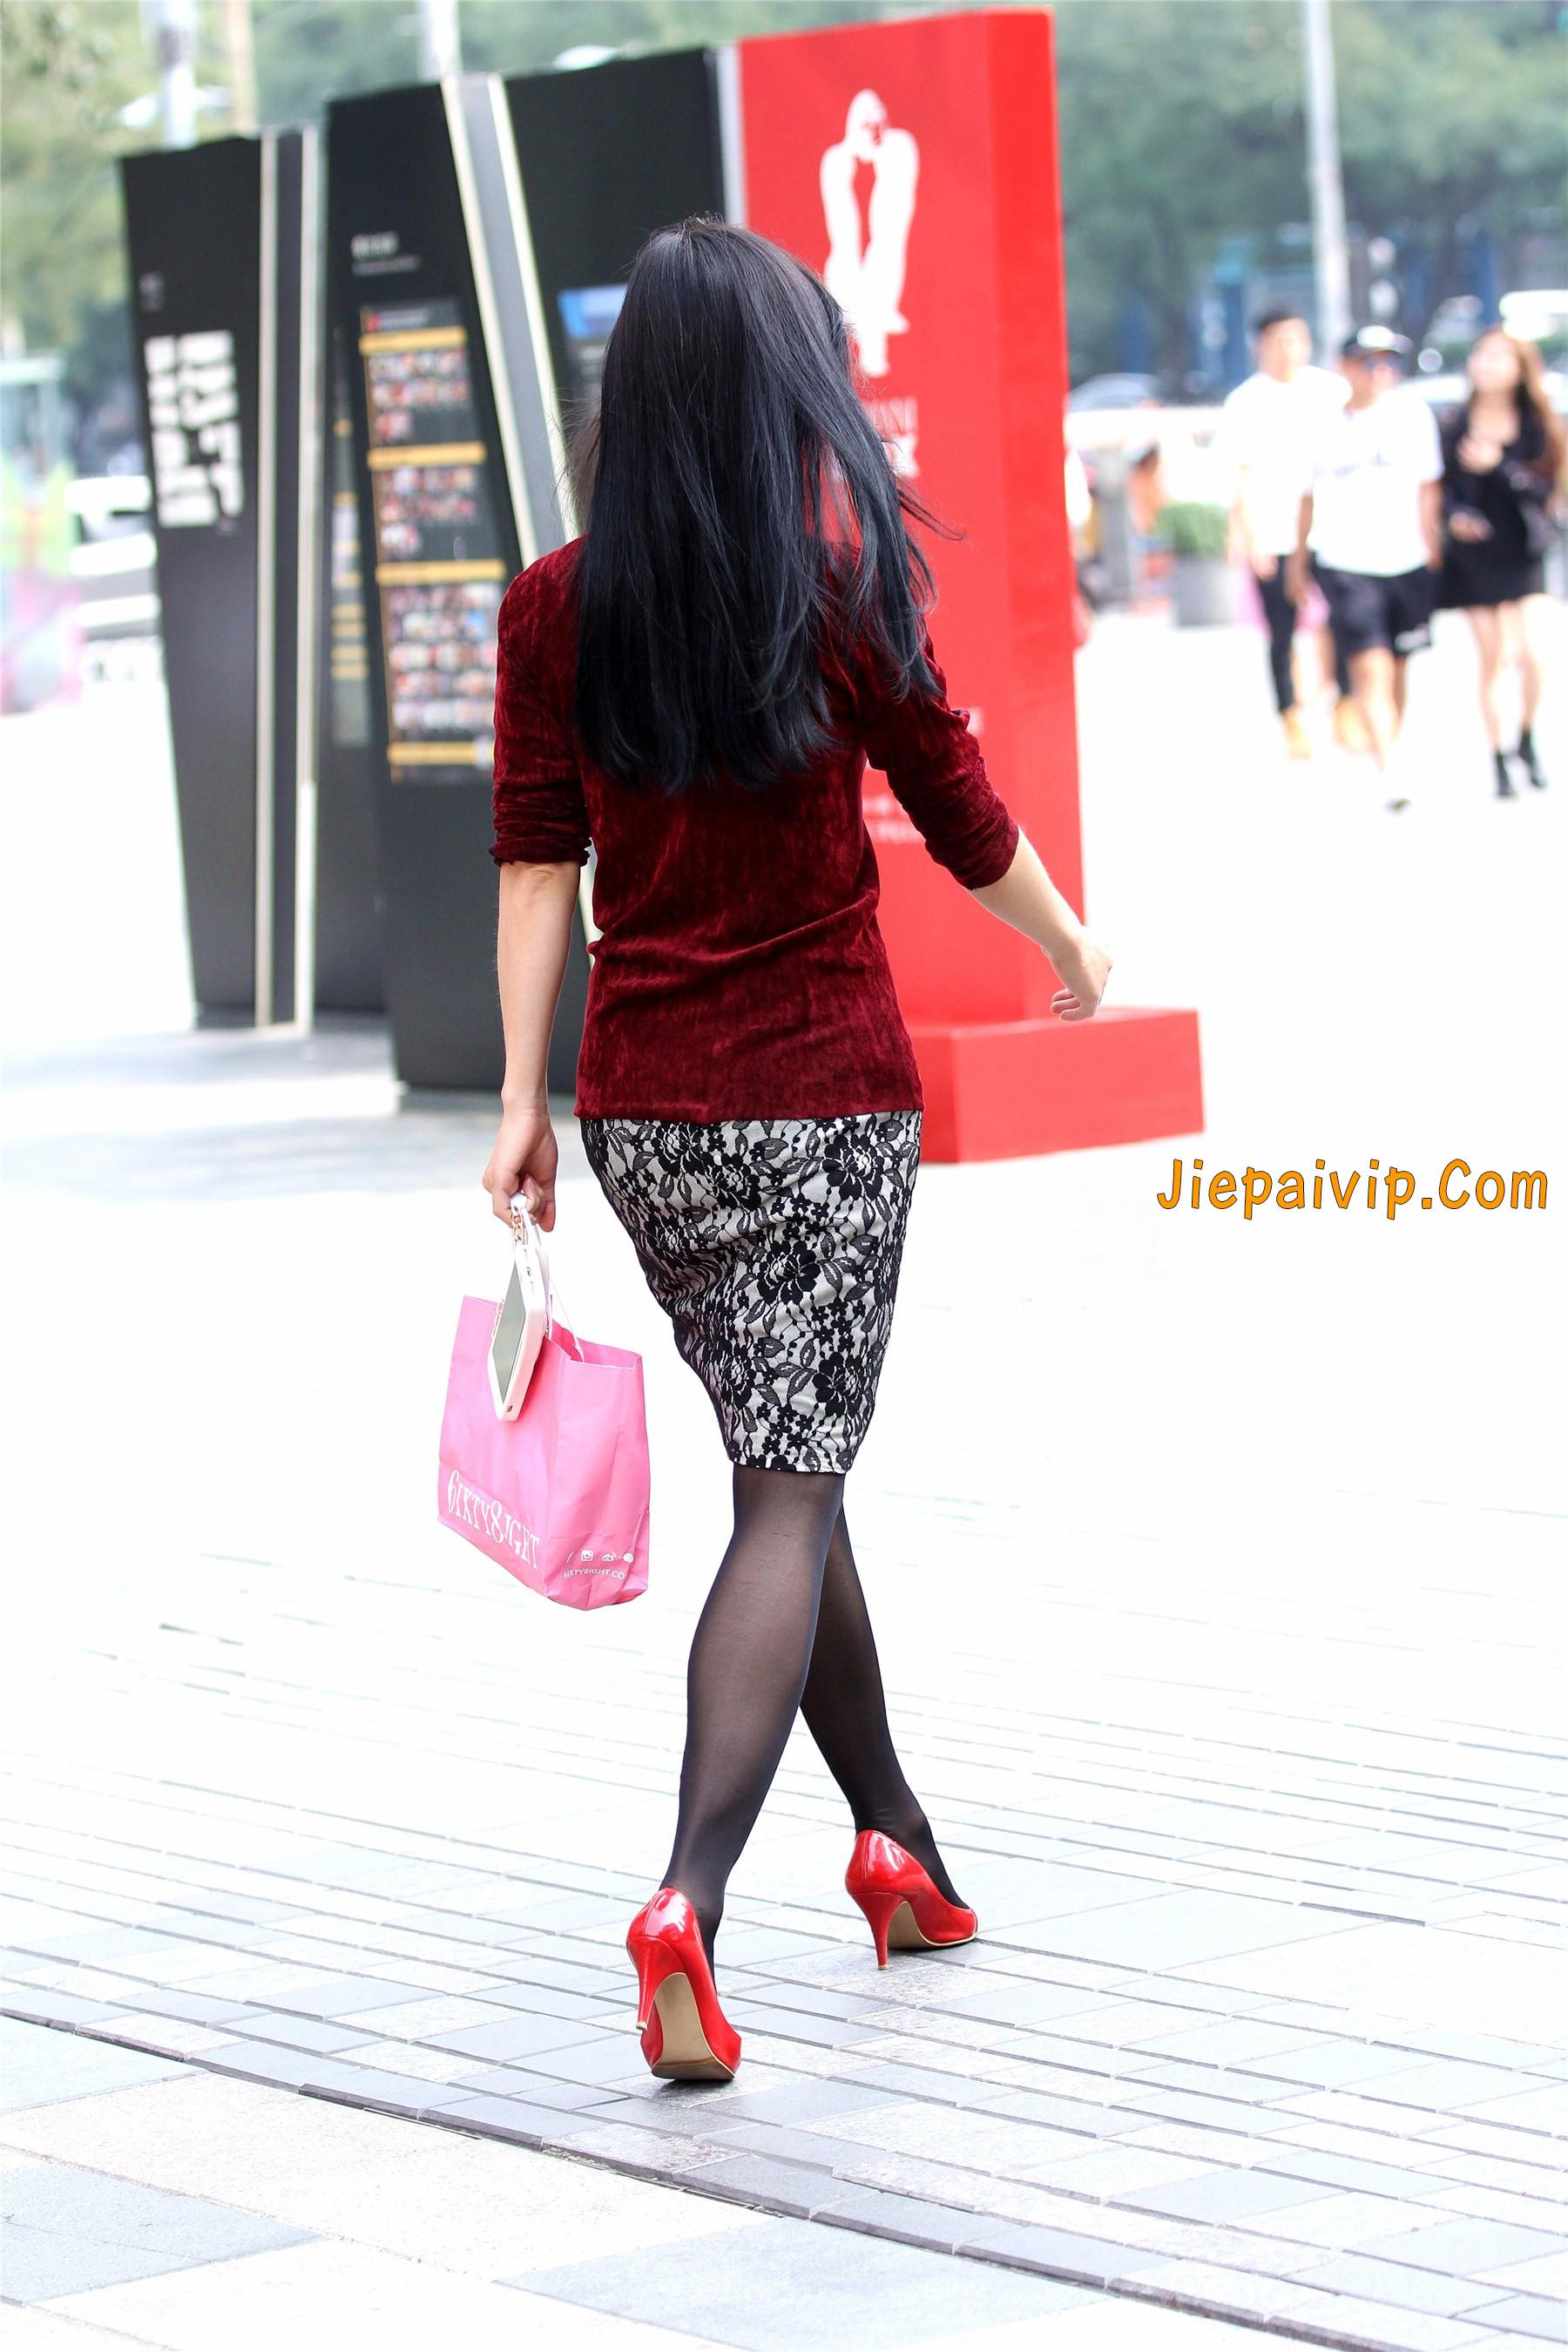 黑色丝袜红色高跟少妇11